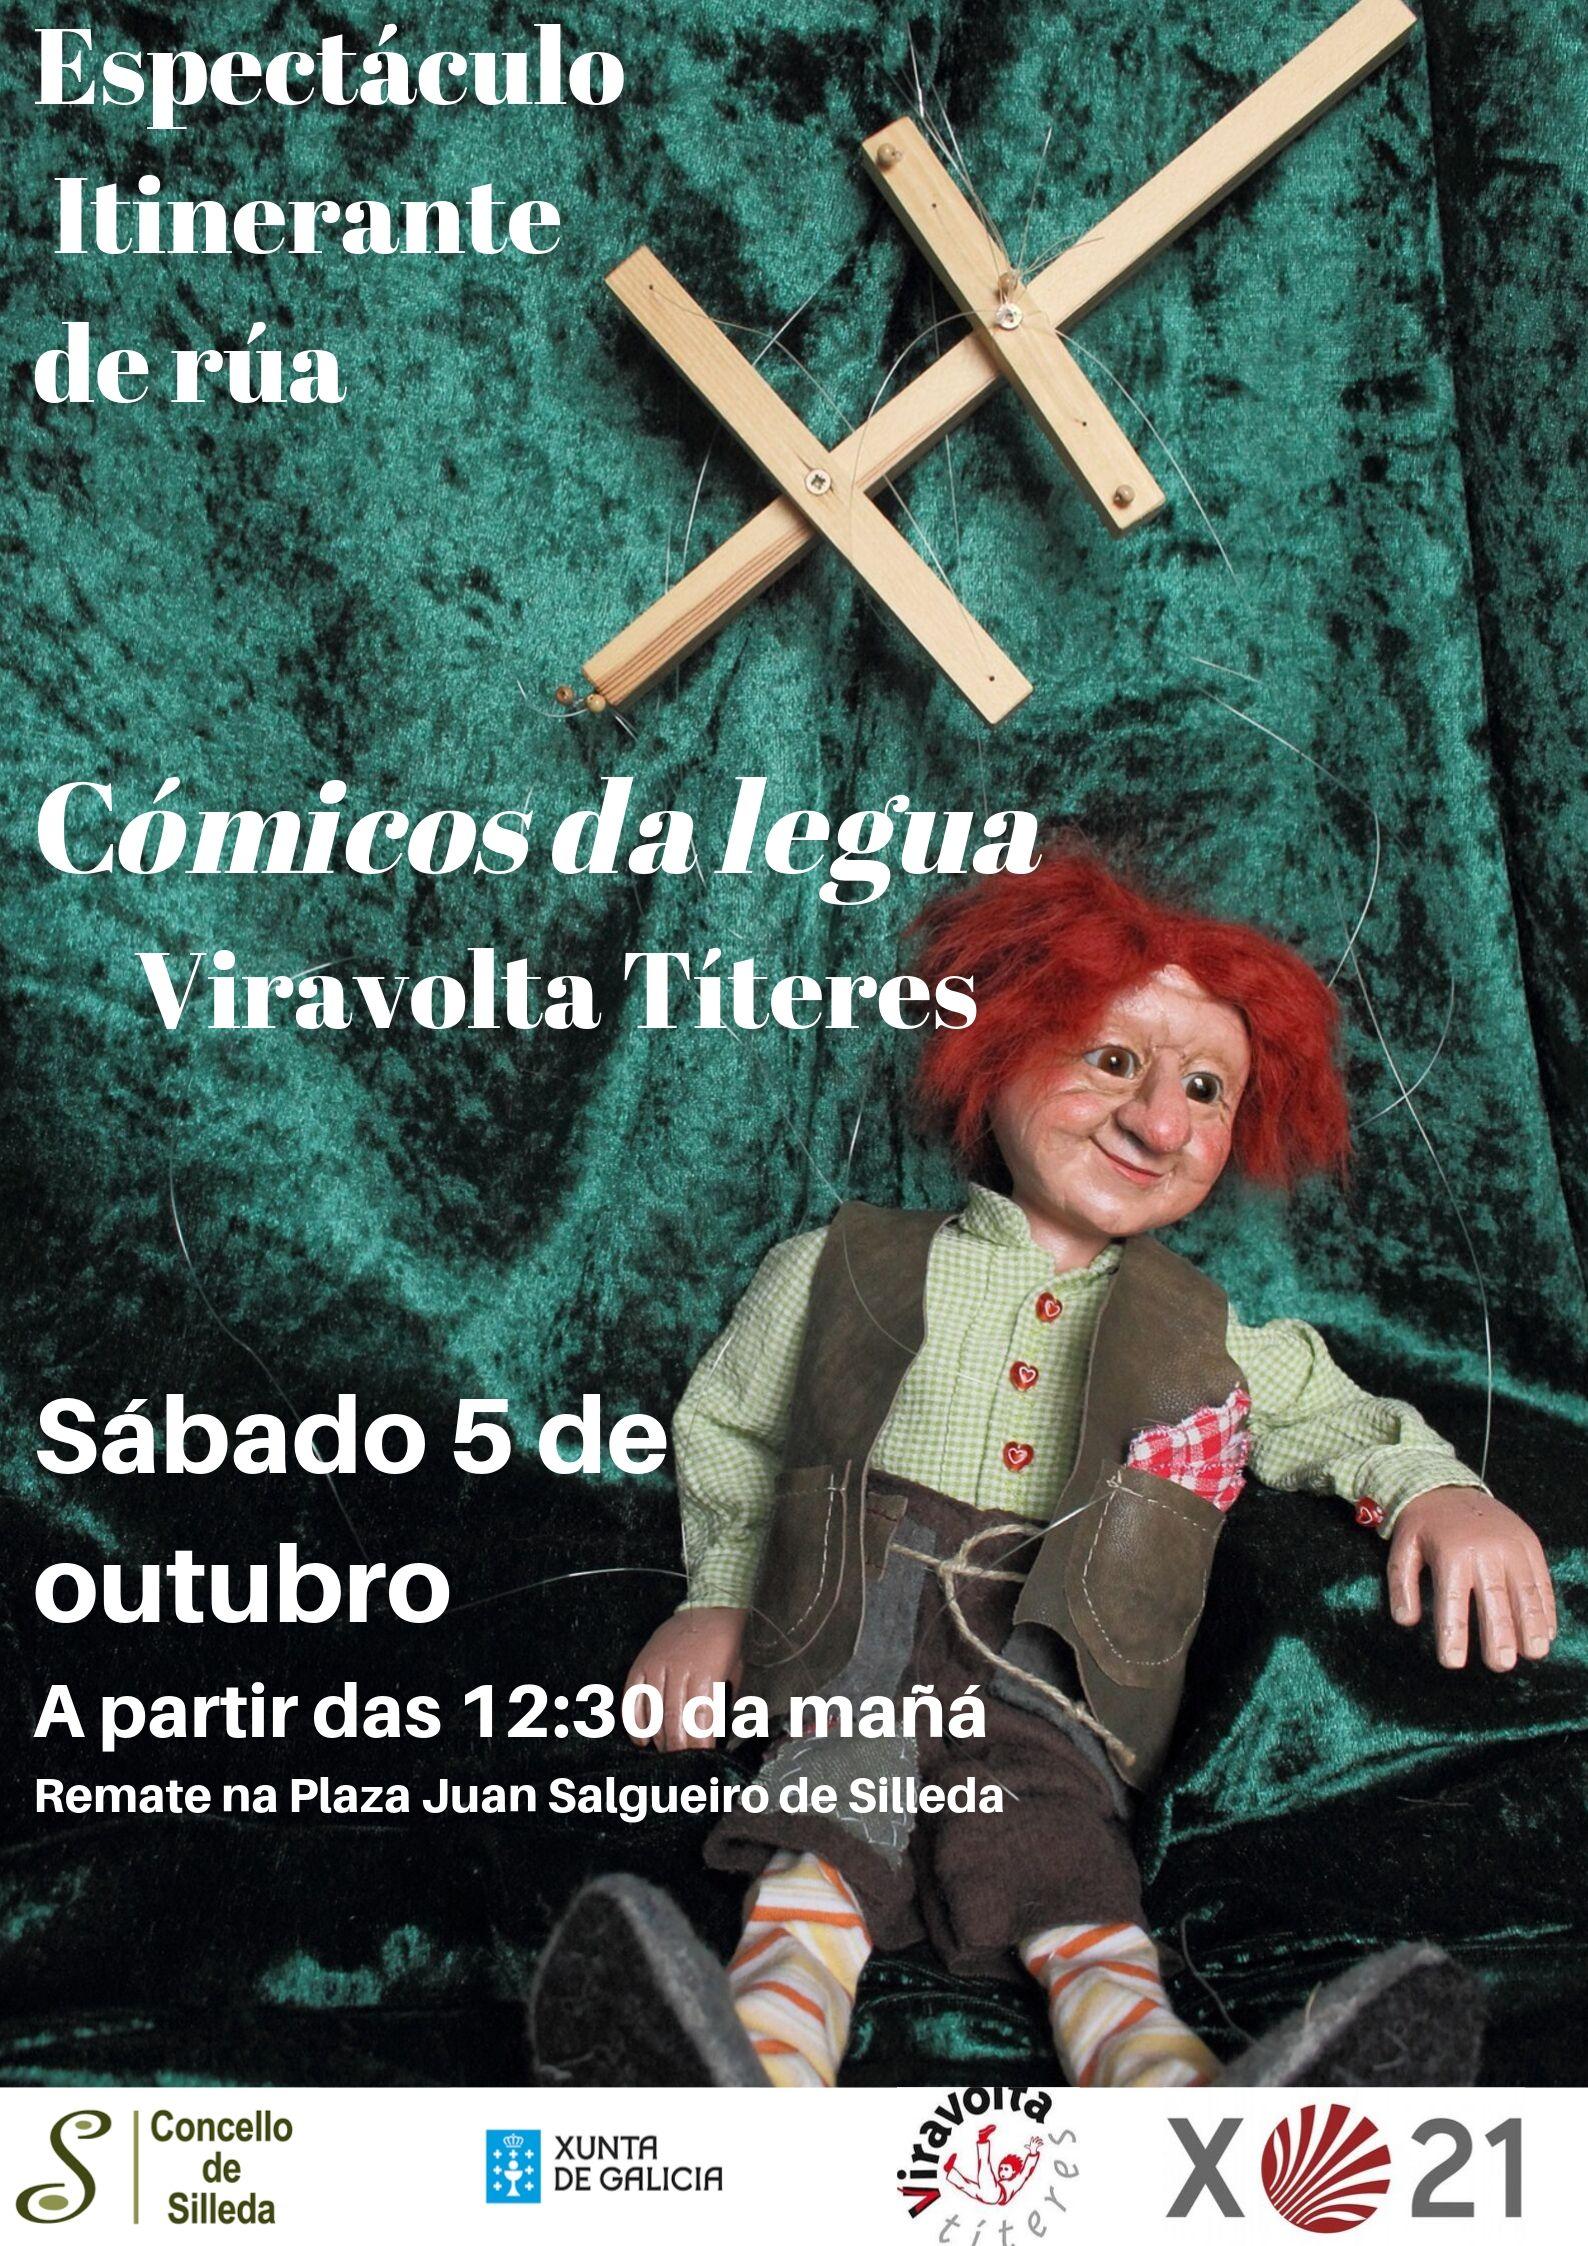 Viravolta Títeres chega este sábado a Silleda co espectáculo itinerante Cómicos da Legua